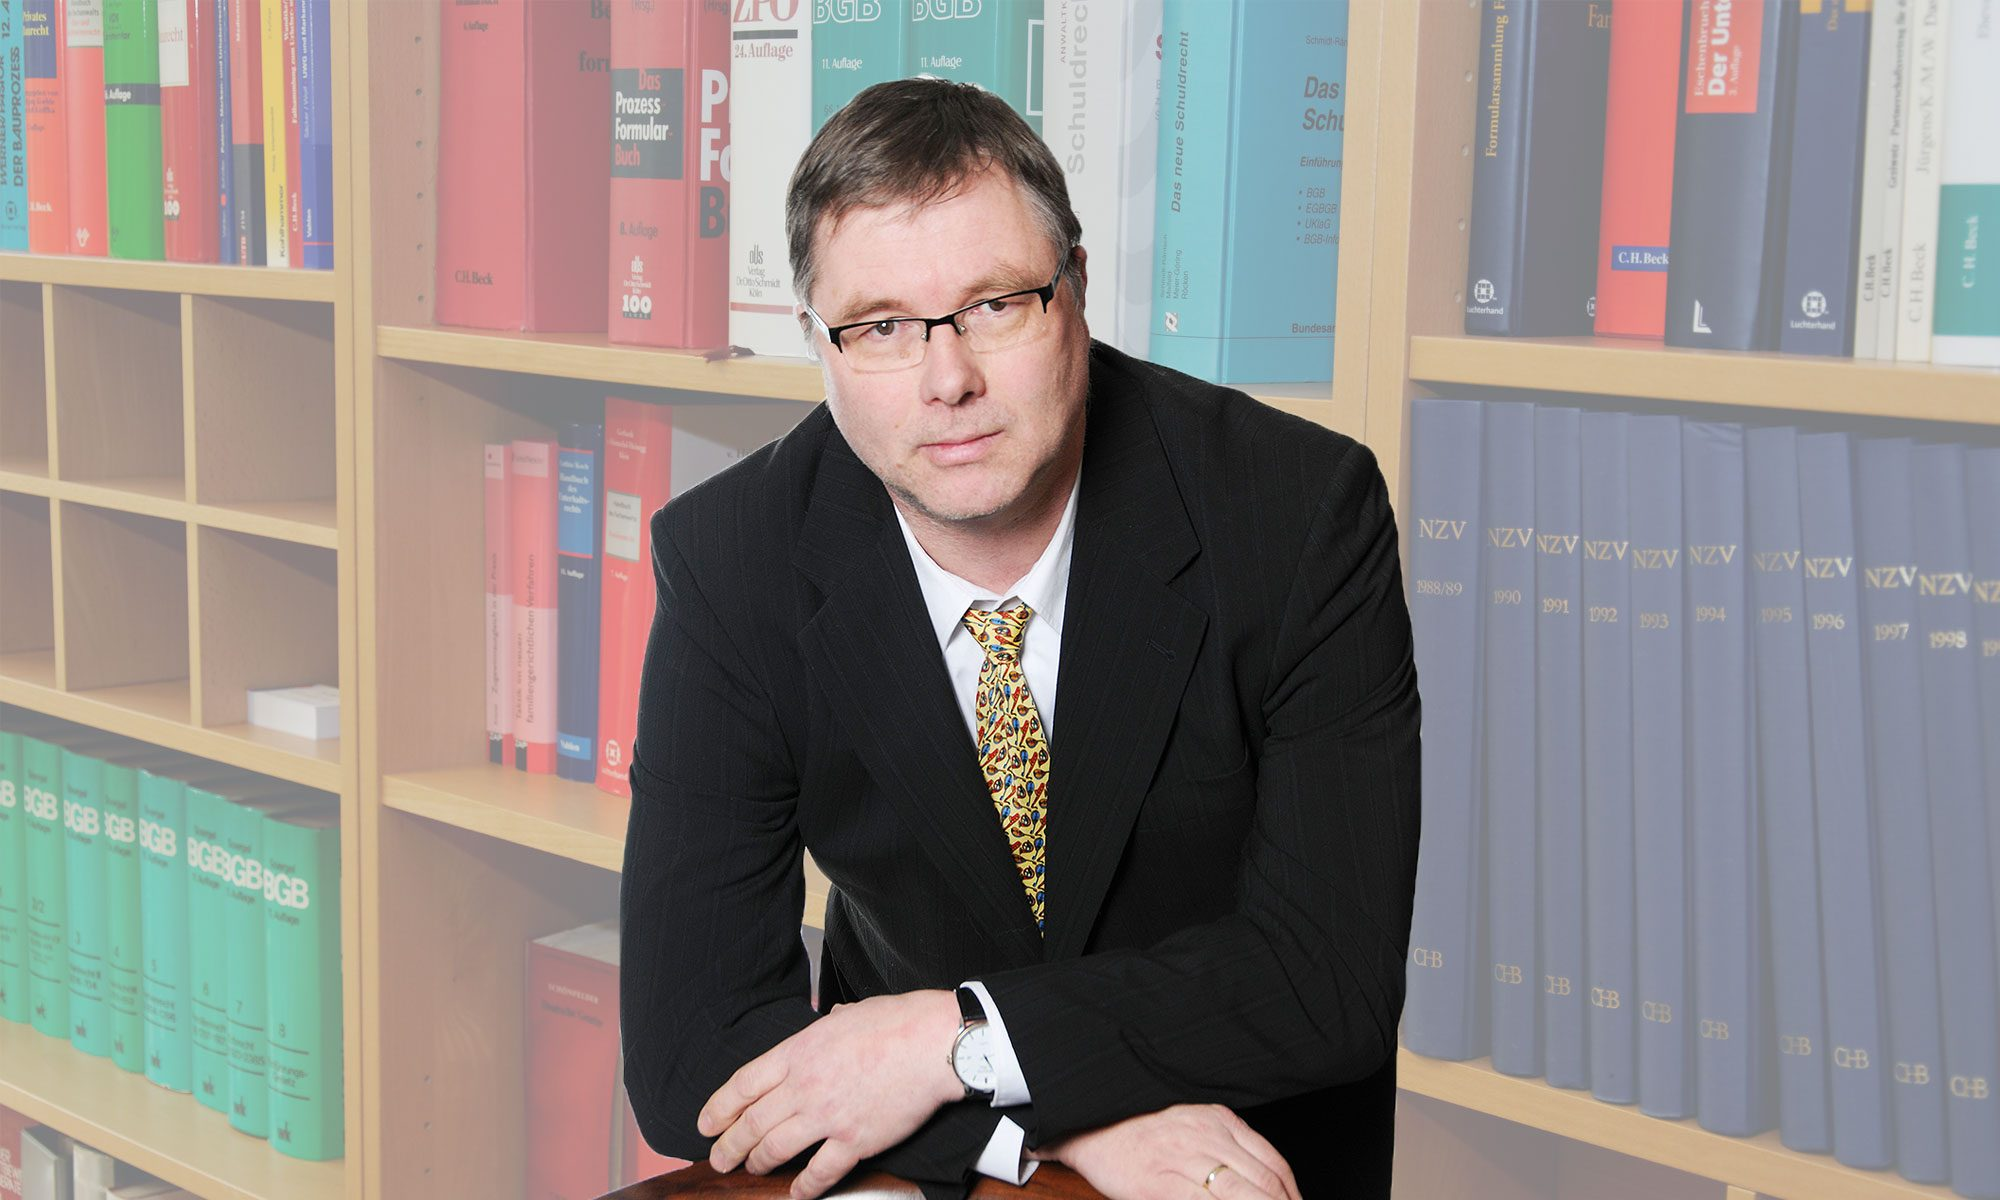 Rechtsanwaltskanzlei Christoph Müller spezialisiert auf Familien- und Arbeitsrecht